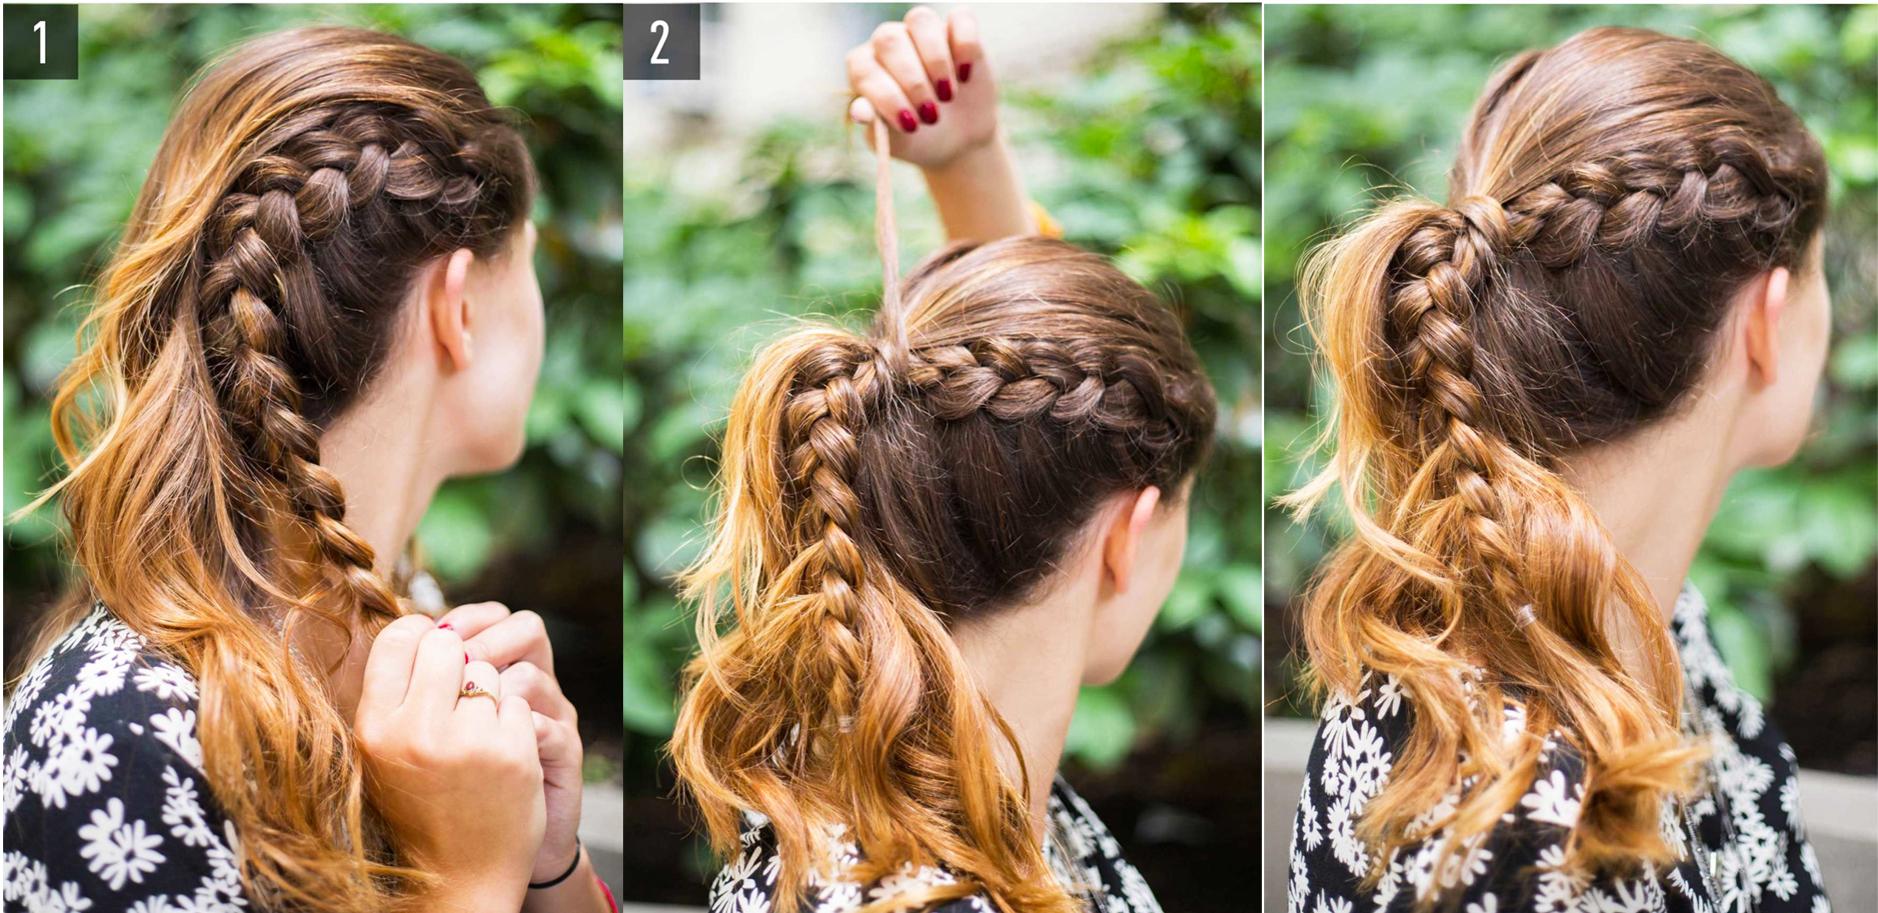 Peinado dos trenzas y cola